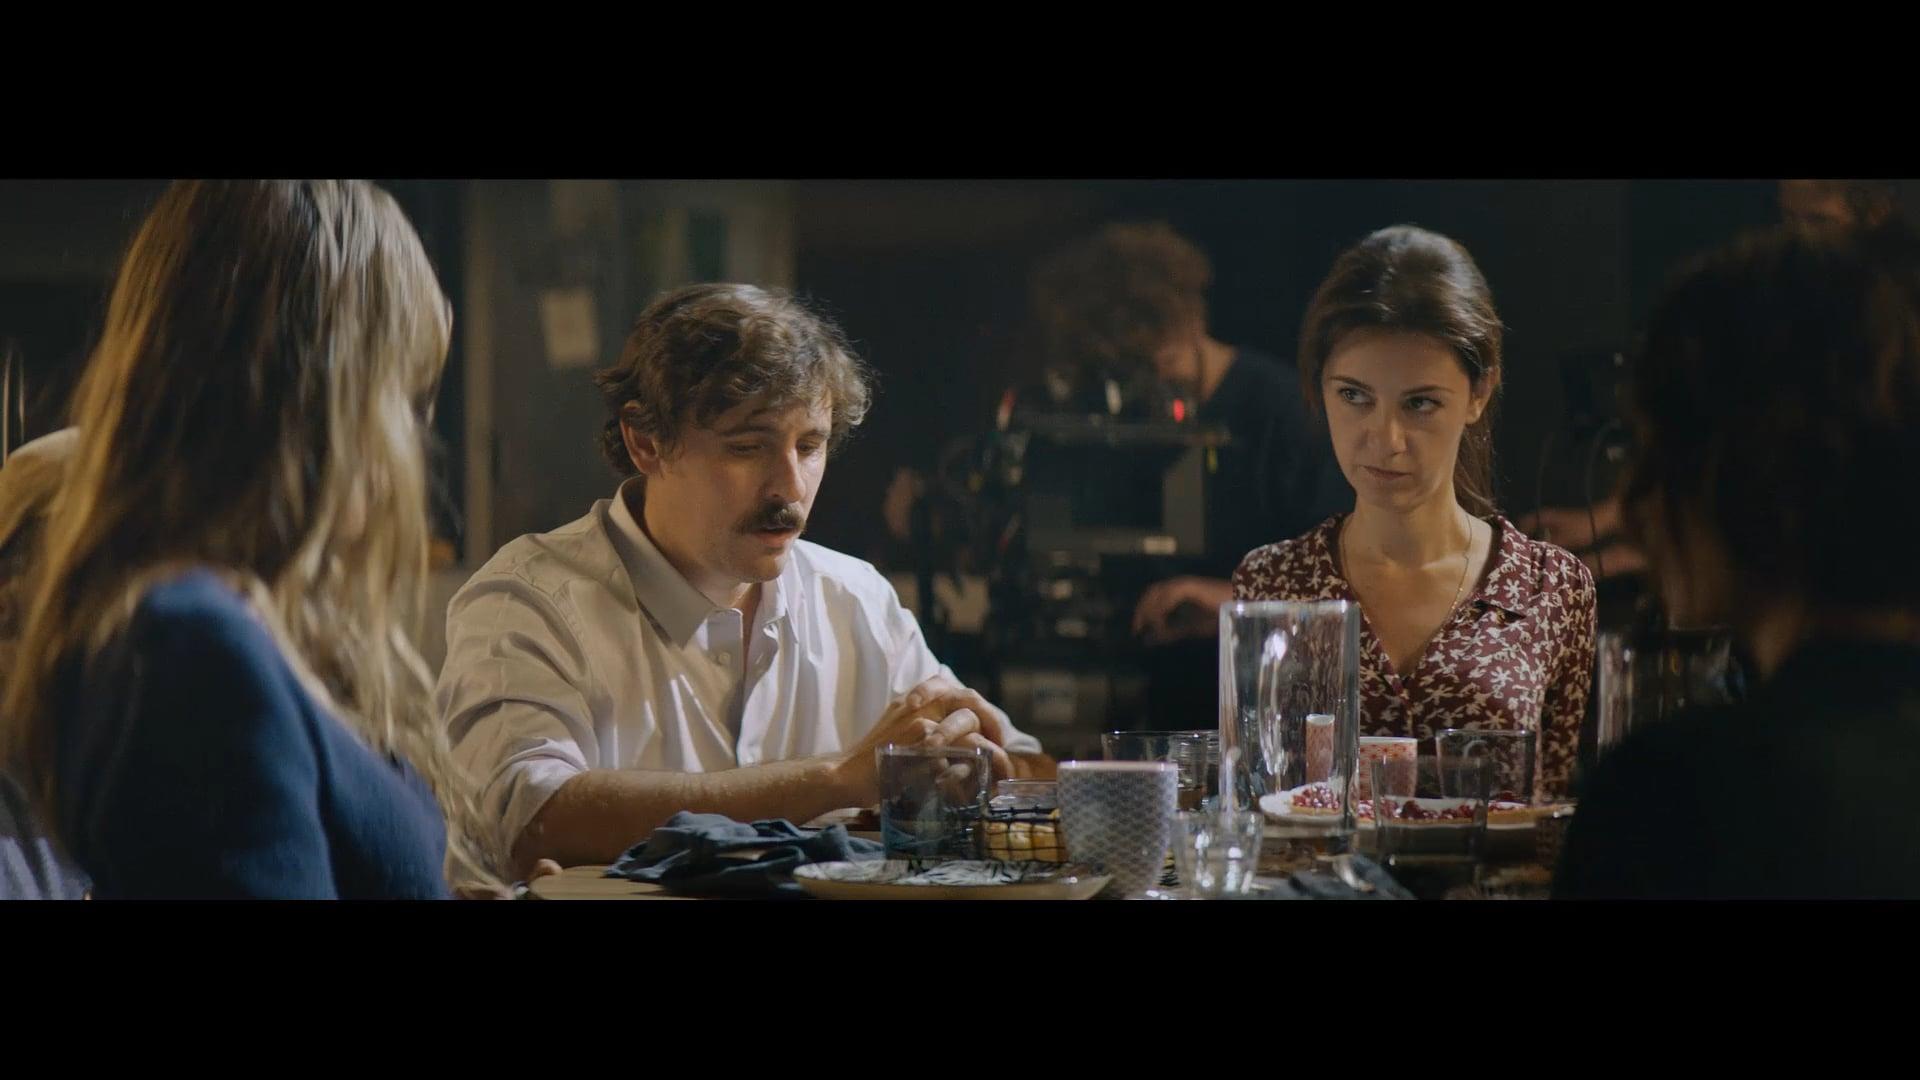 Film prévention : violence morale au sein d'un couple - les rôles